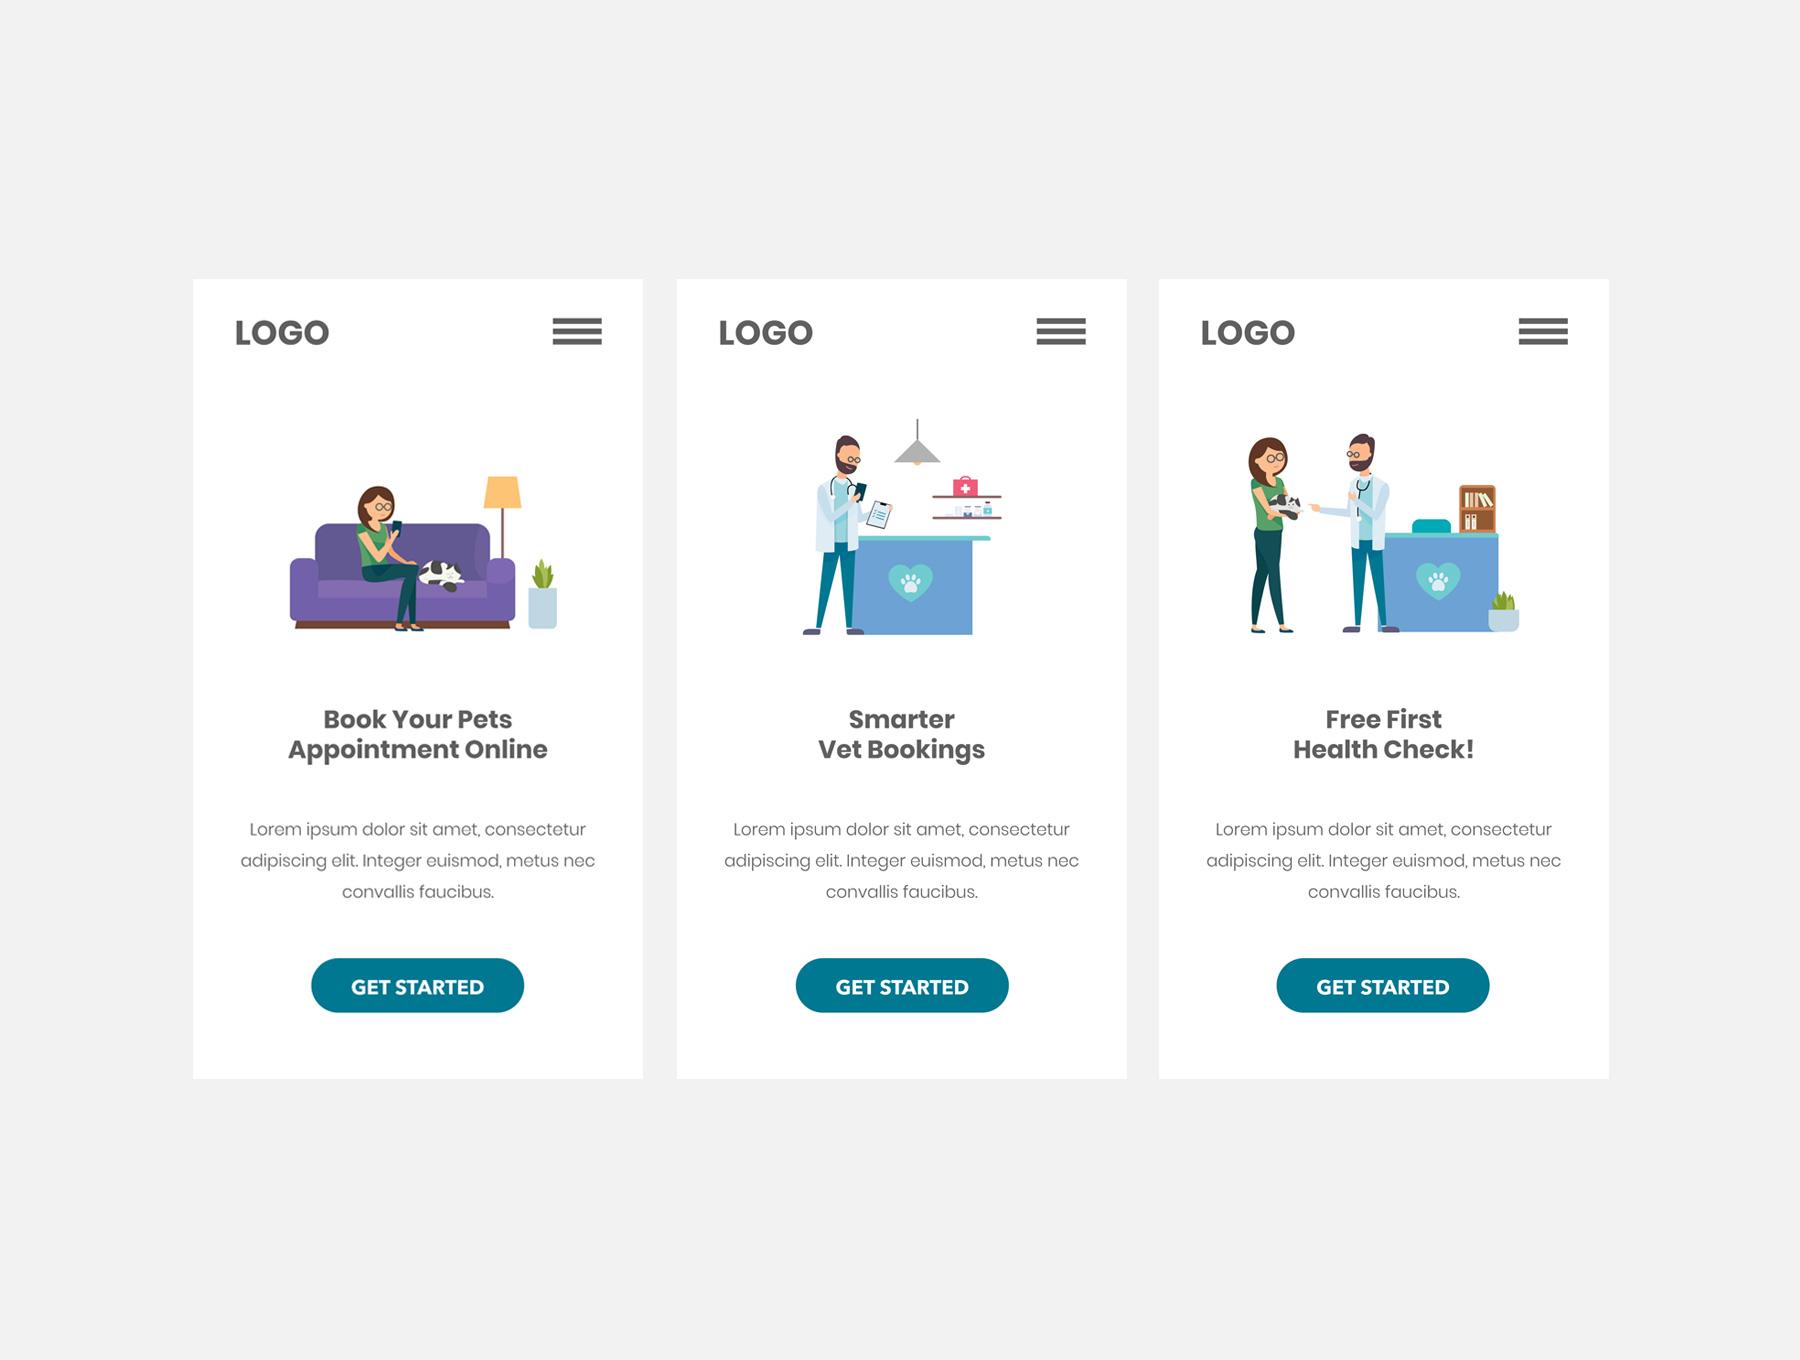 宠物医院兽医诊所服务概念插画下载[Ai]设计素材模板